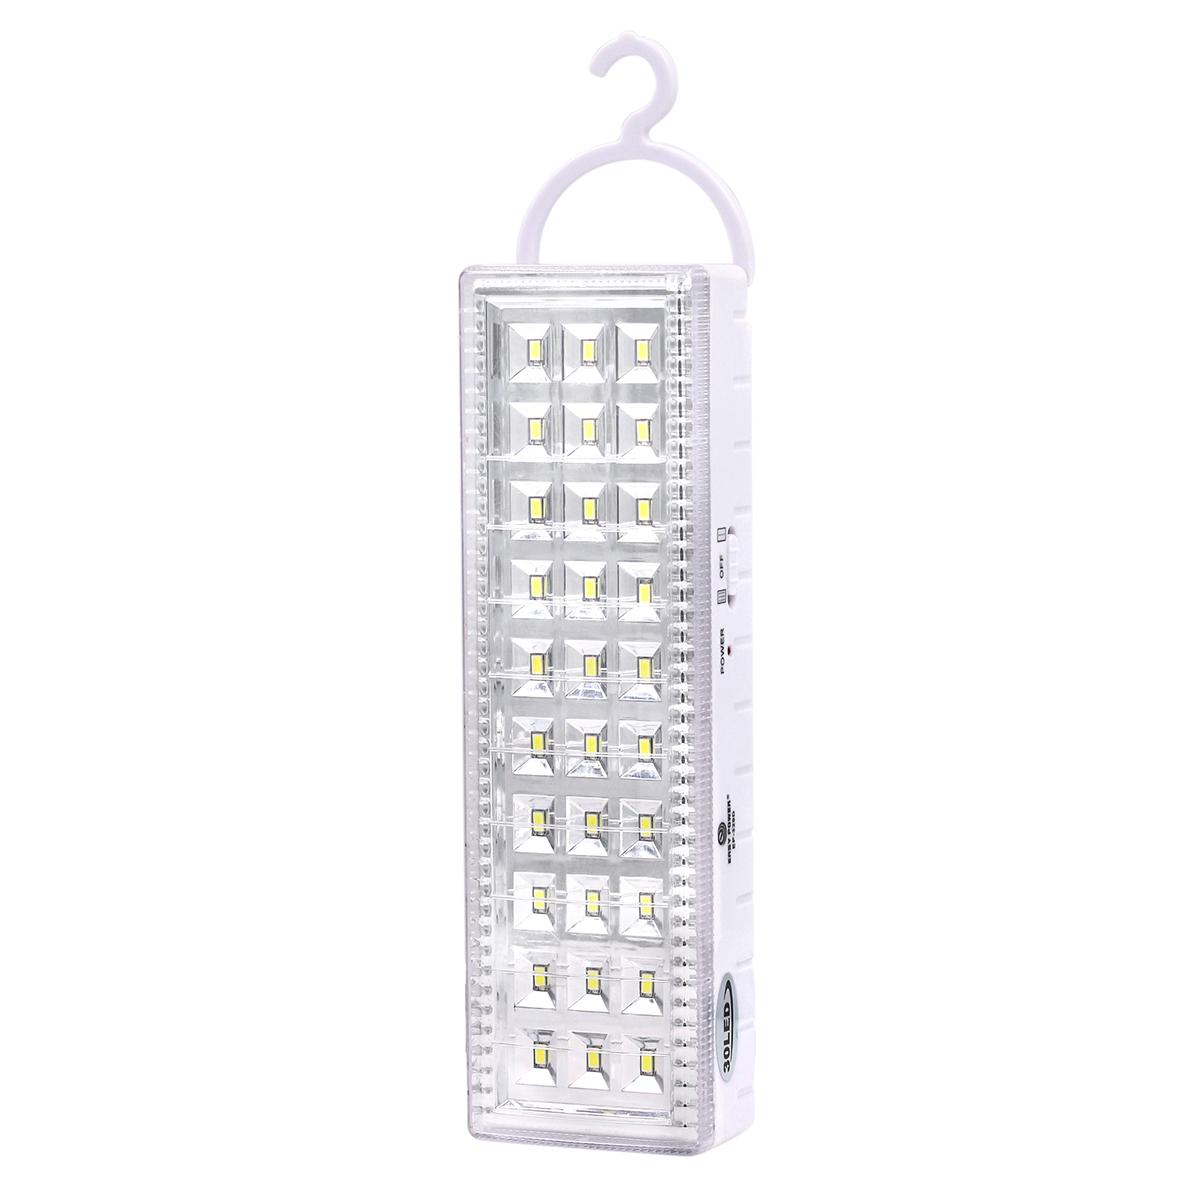 mayor lampara al 60 Compre leds online por Venta emergencia OikZPXuT